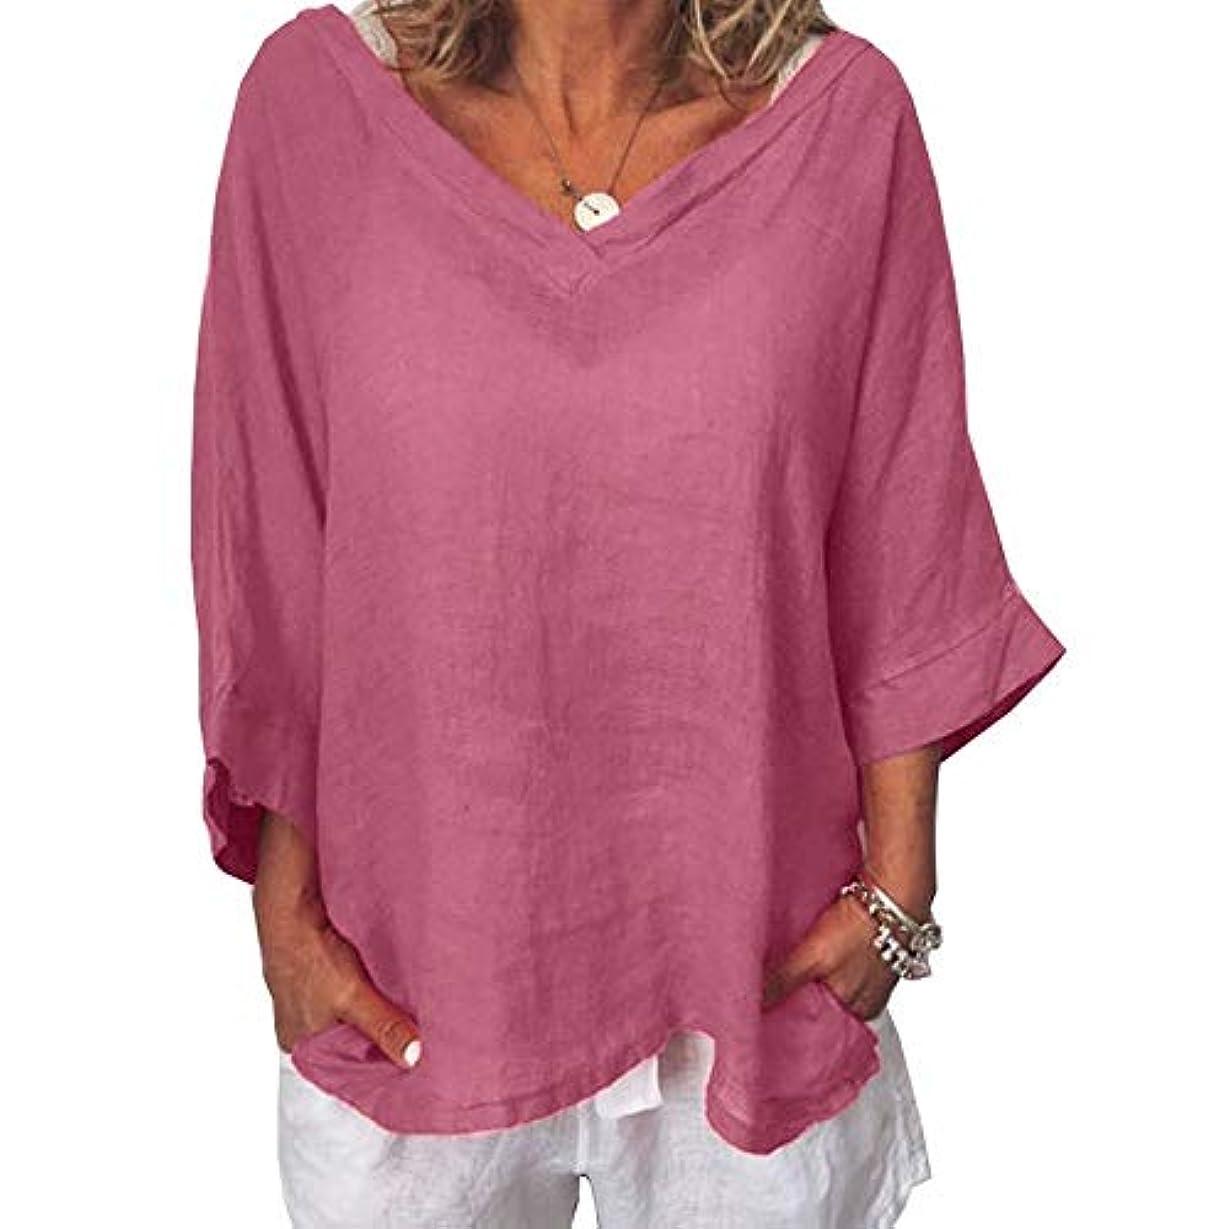 協力的風中絶MIFAN女性ファッションカジュアルVネックトップス無地長袖Tシャツルーズボヘミアンビーチウェア